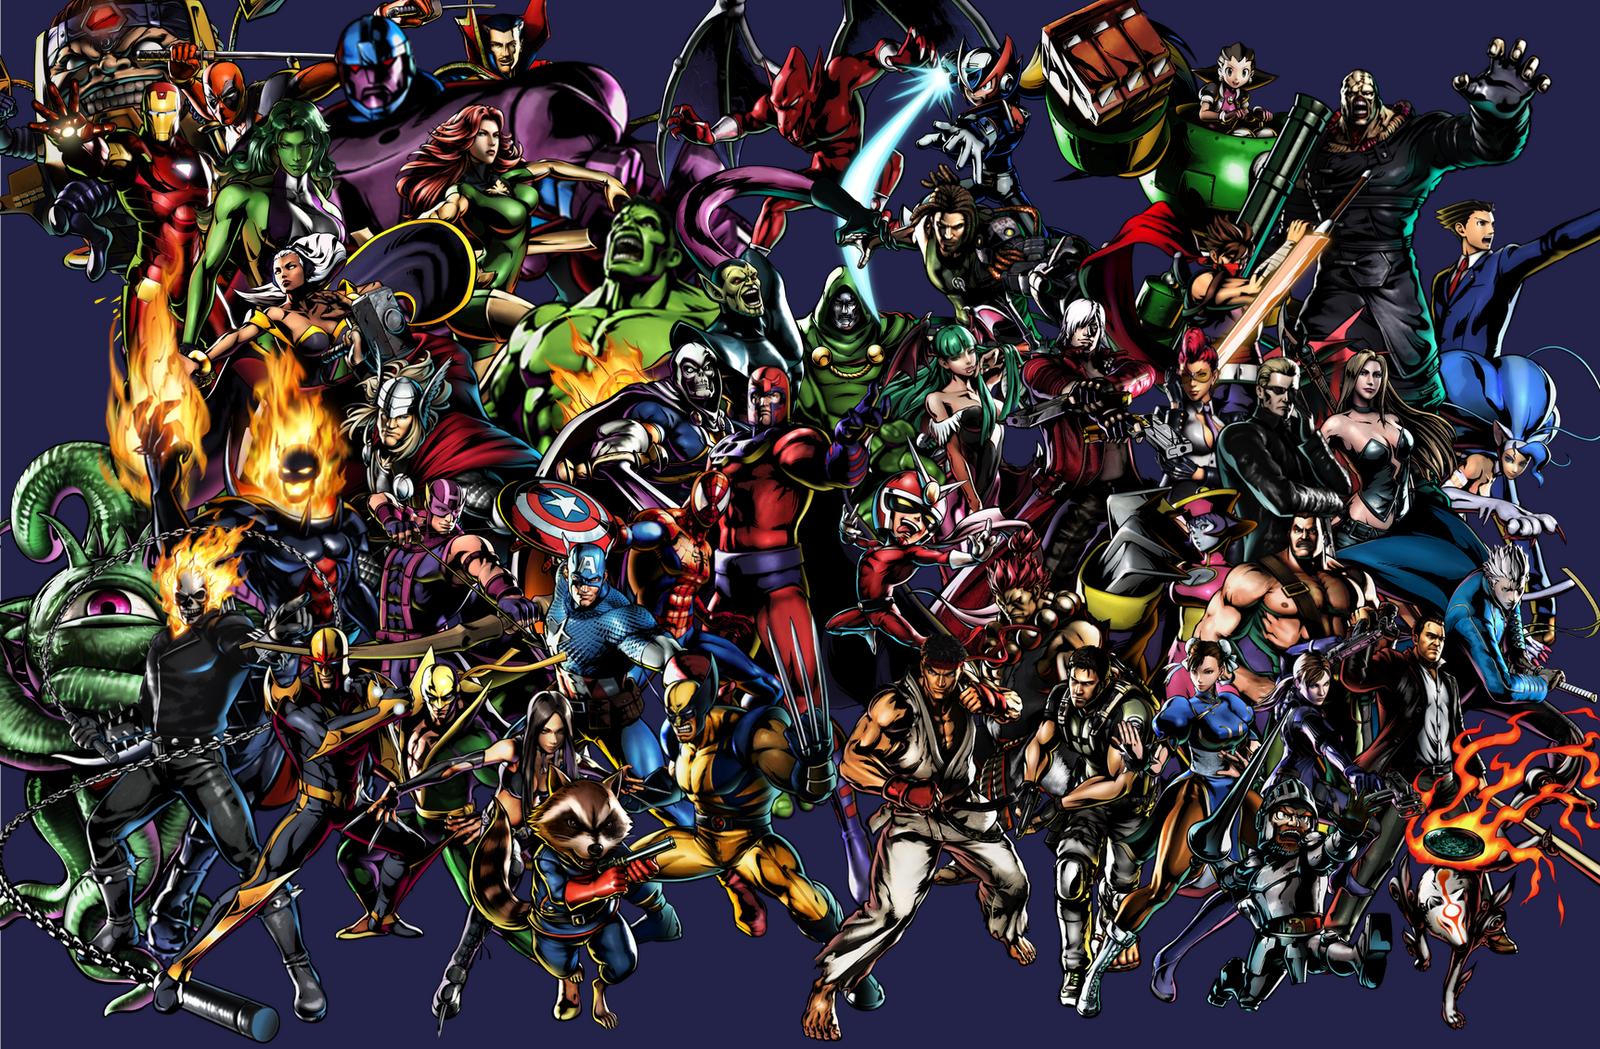 wallpaper de marvel vs capcom: